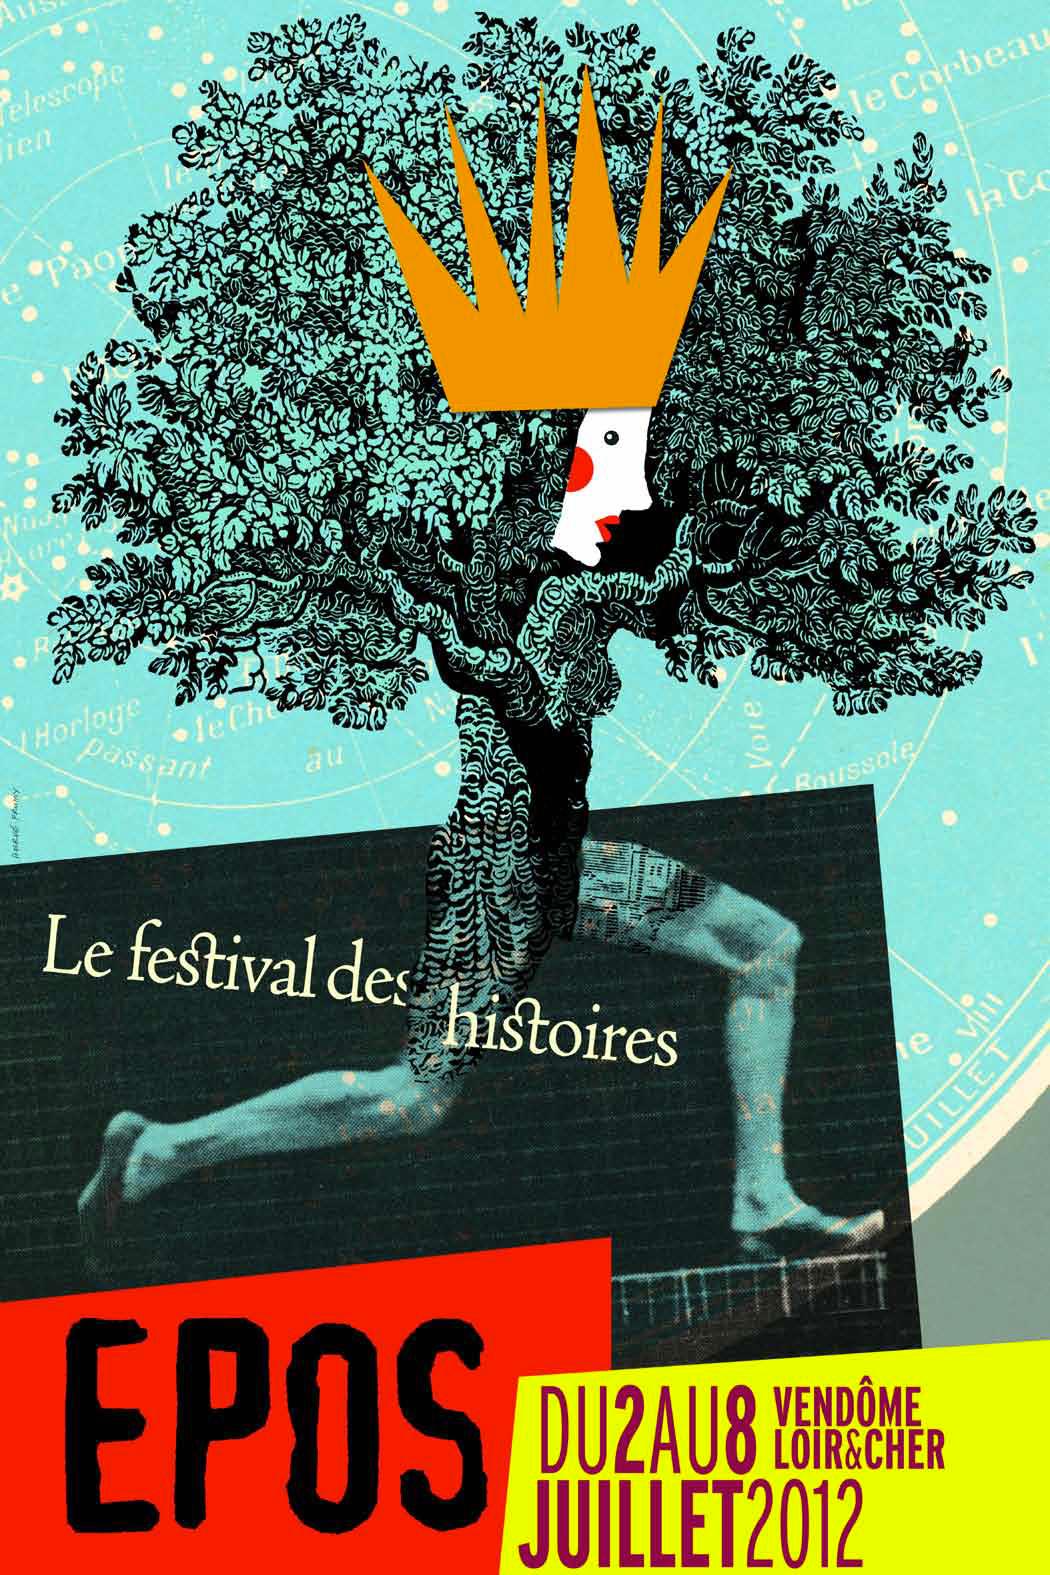 Affiche-Epos-festival-des-histoires